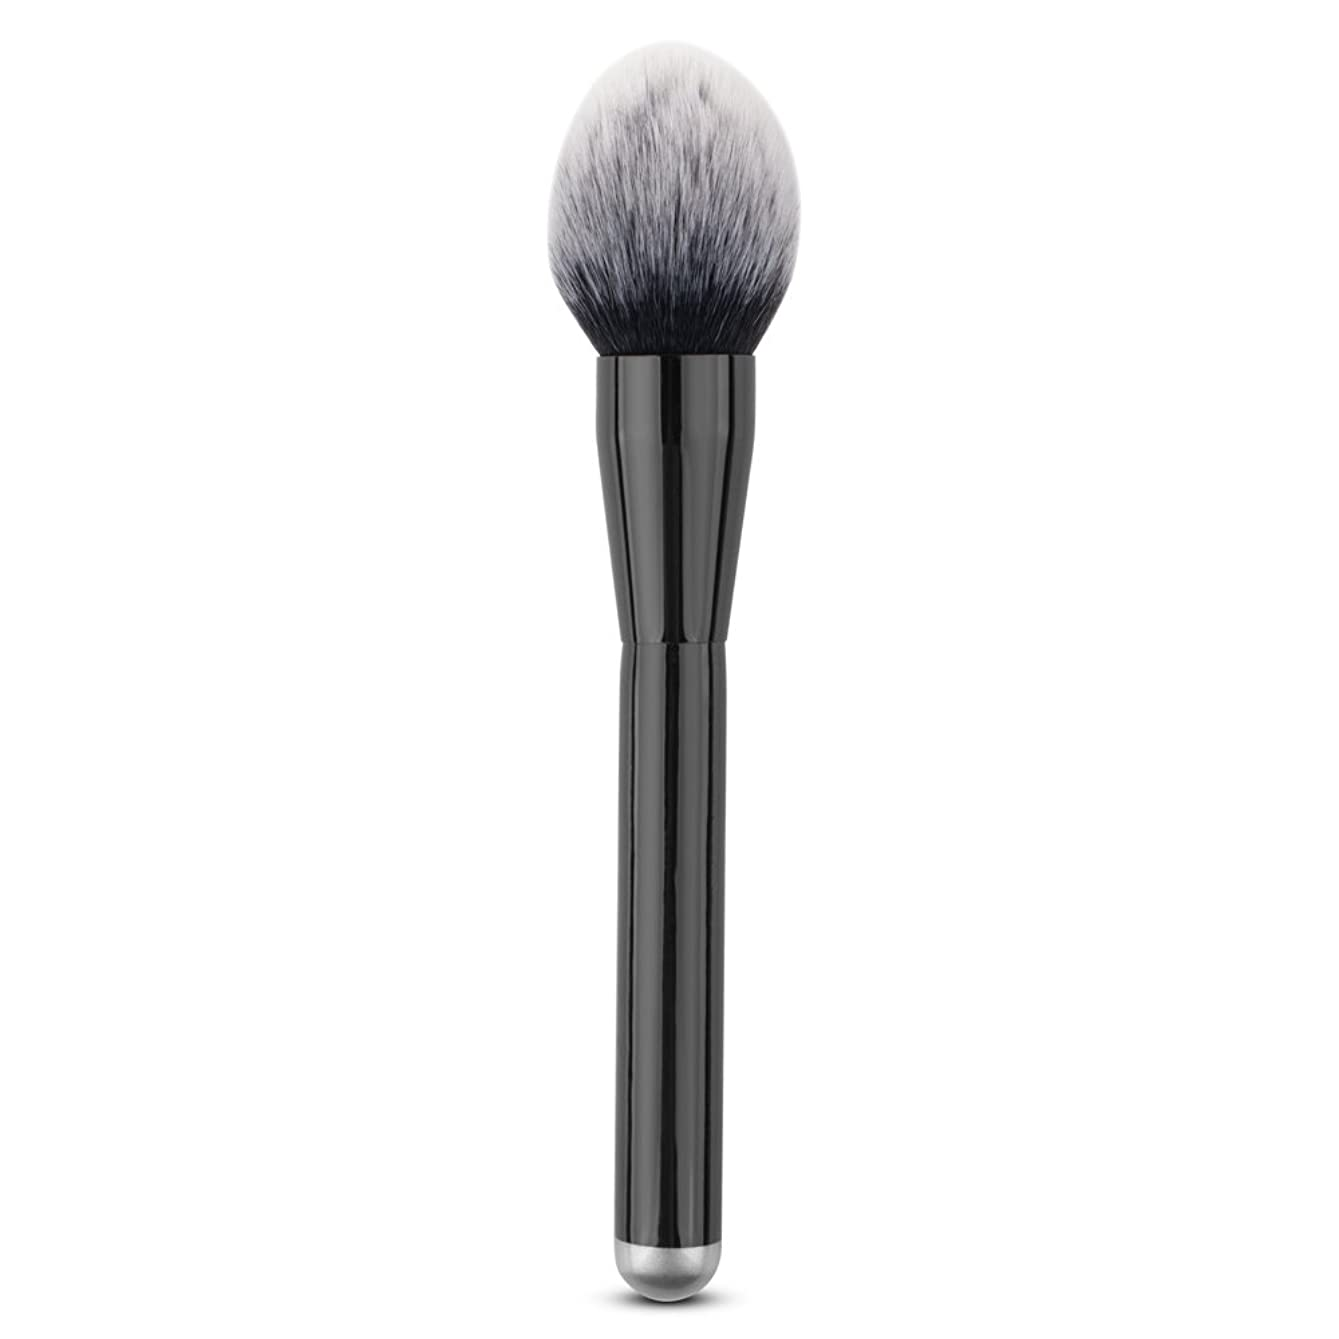 適格アレキサンダーグラハムベルラショナルFlame Top Makeup Brush Foundation Powder Blush Blusher Blending Concealer Contour Highligh Highlighter Face Beauty Make Up Tool